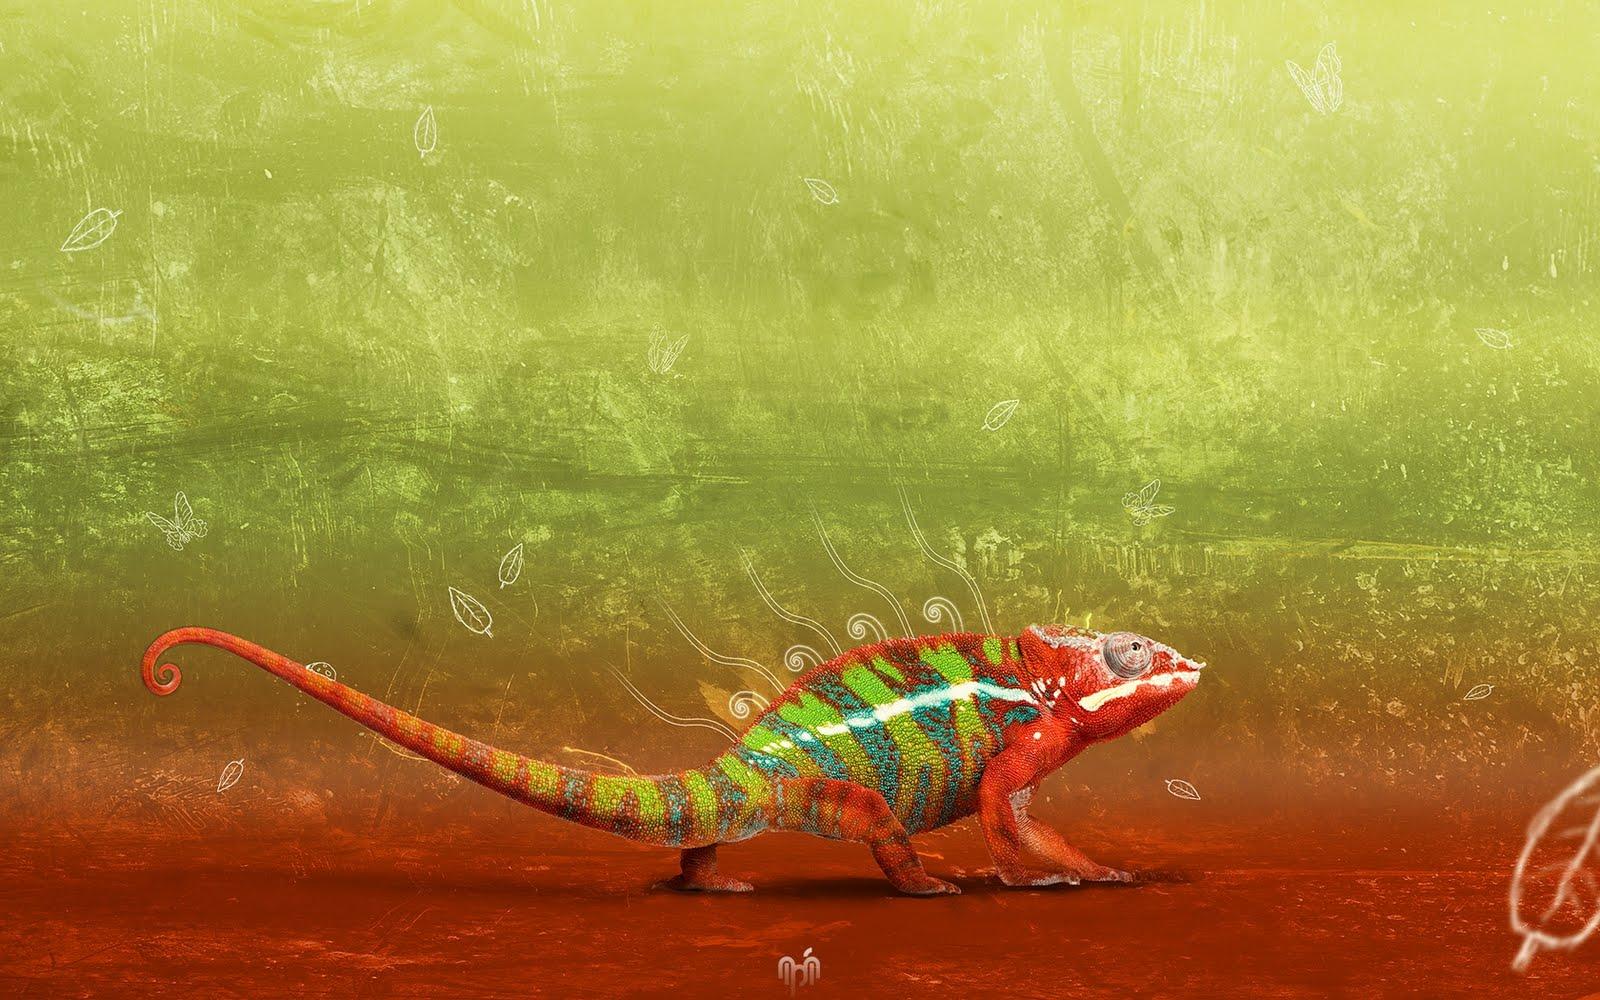 http://2.bp.blogspot.com/-Ll3mEbKJLM0/TlMkKQNVjoI/AAAAAAAAARM/jBHPwXqXwko/s1600/Chameleon+1680x1050+HD+Wallpaper.jpg